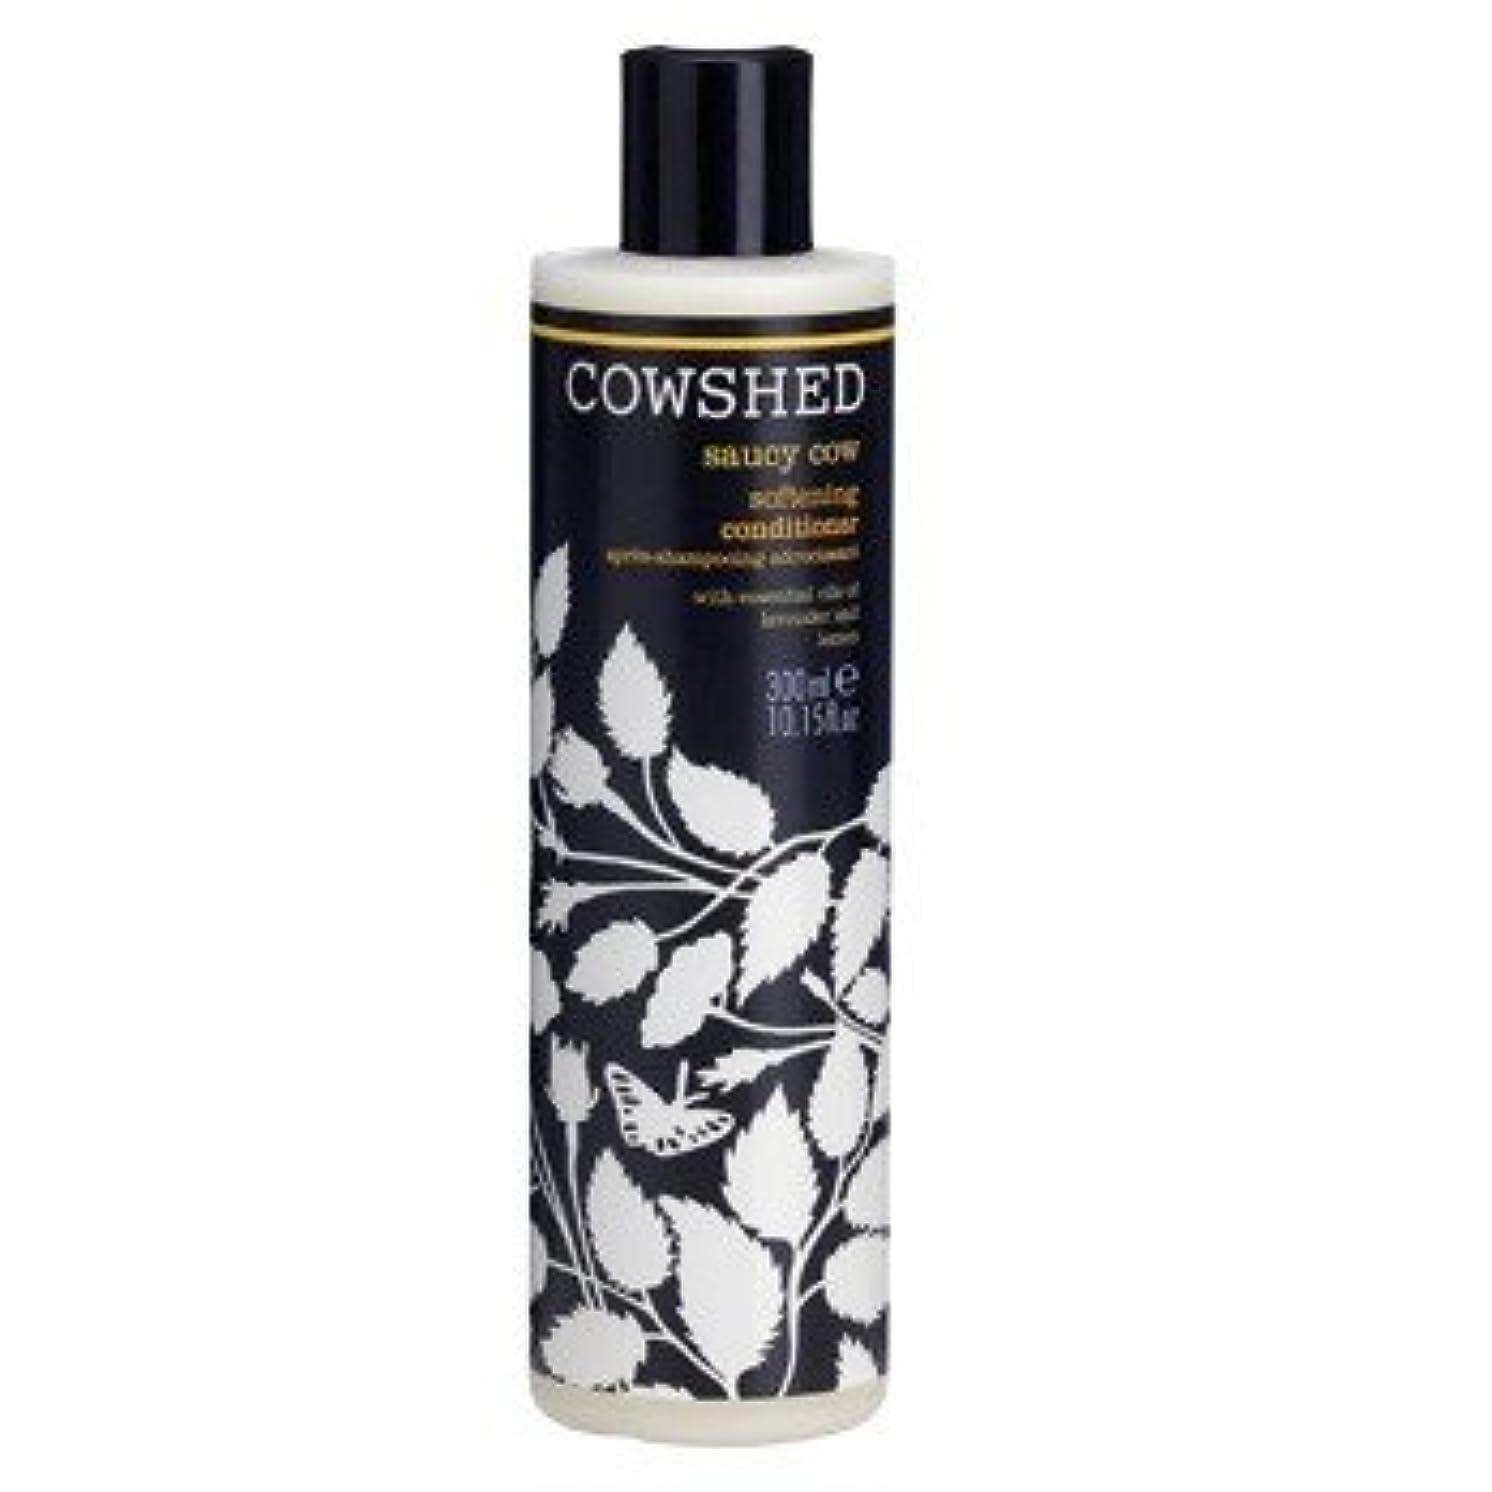 死ぬ氷チャット牛舎生意気な牛軟化コンディショナー300ミリリットル (Cowshed) (x6) - Cowshed Saucy Cow Softening Conditioner 300ml (Pack of 6) [並行輸入品]